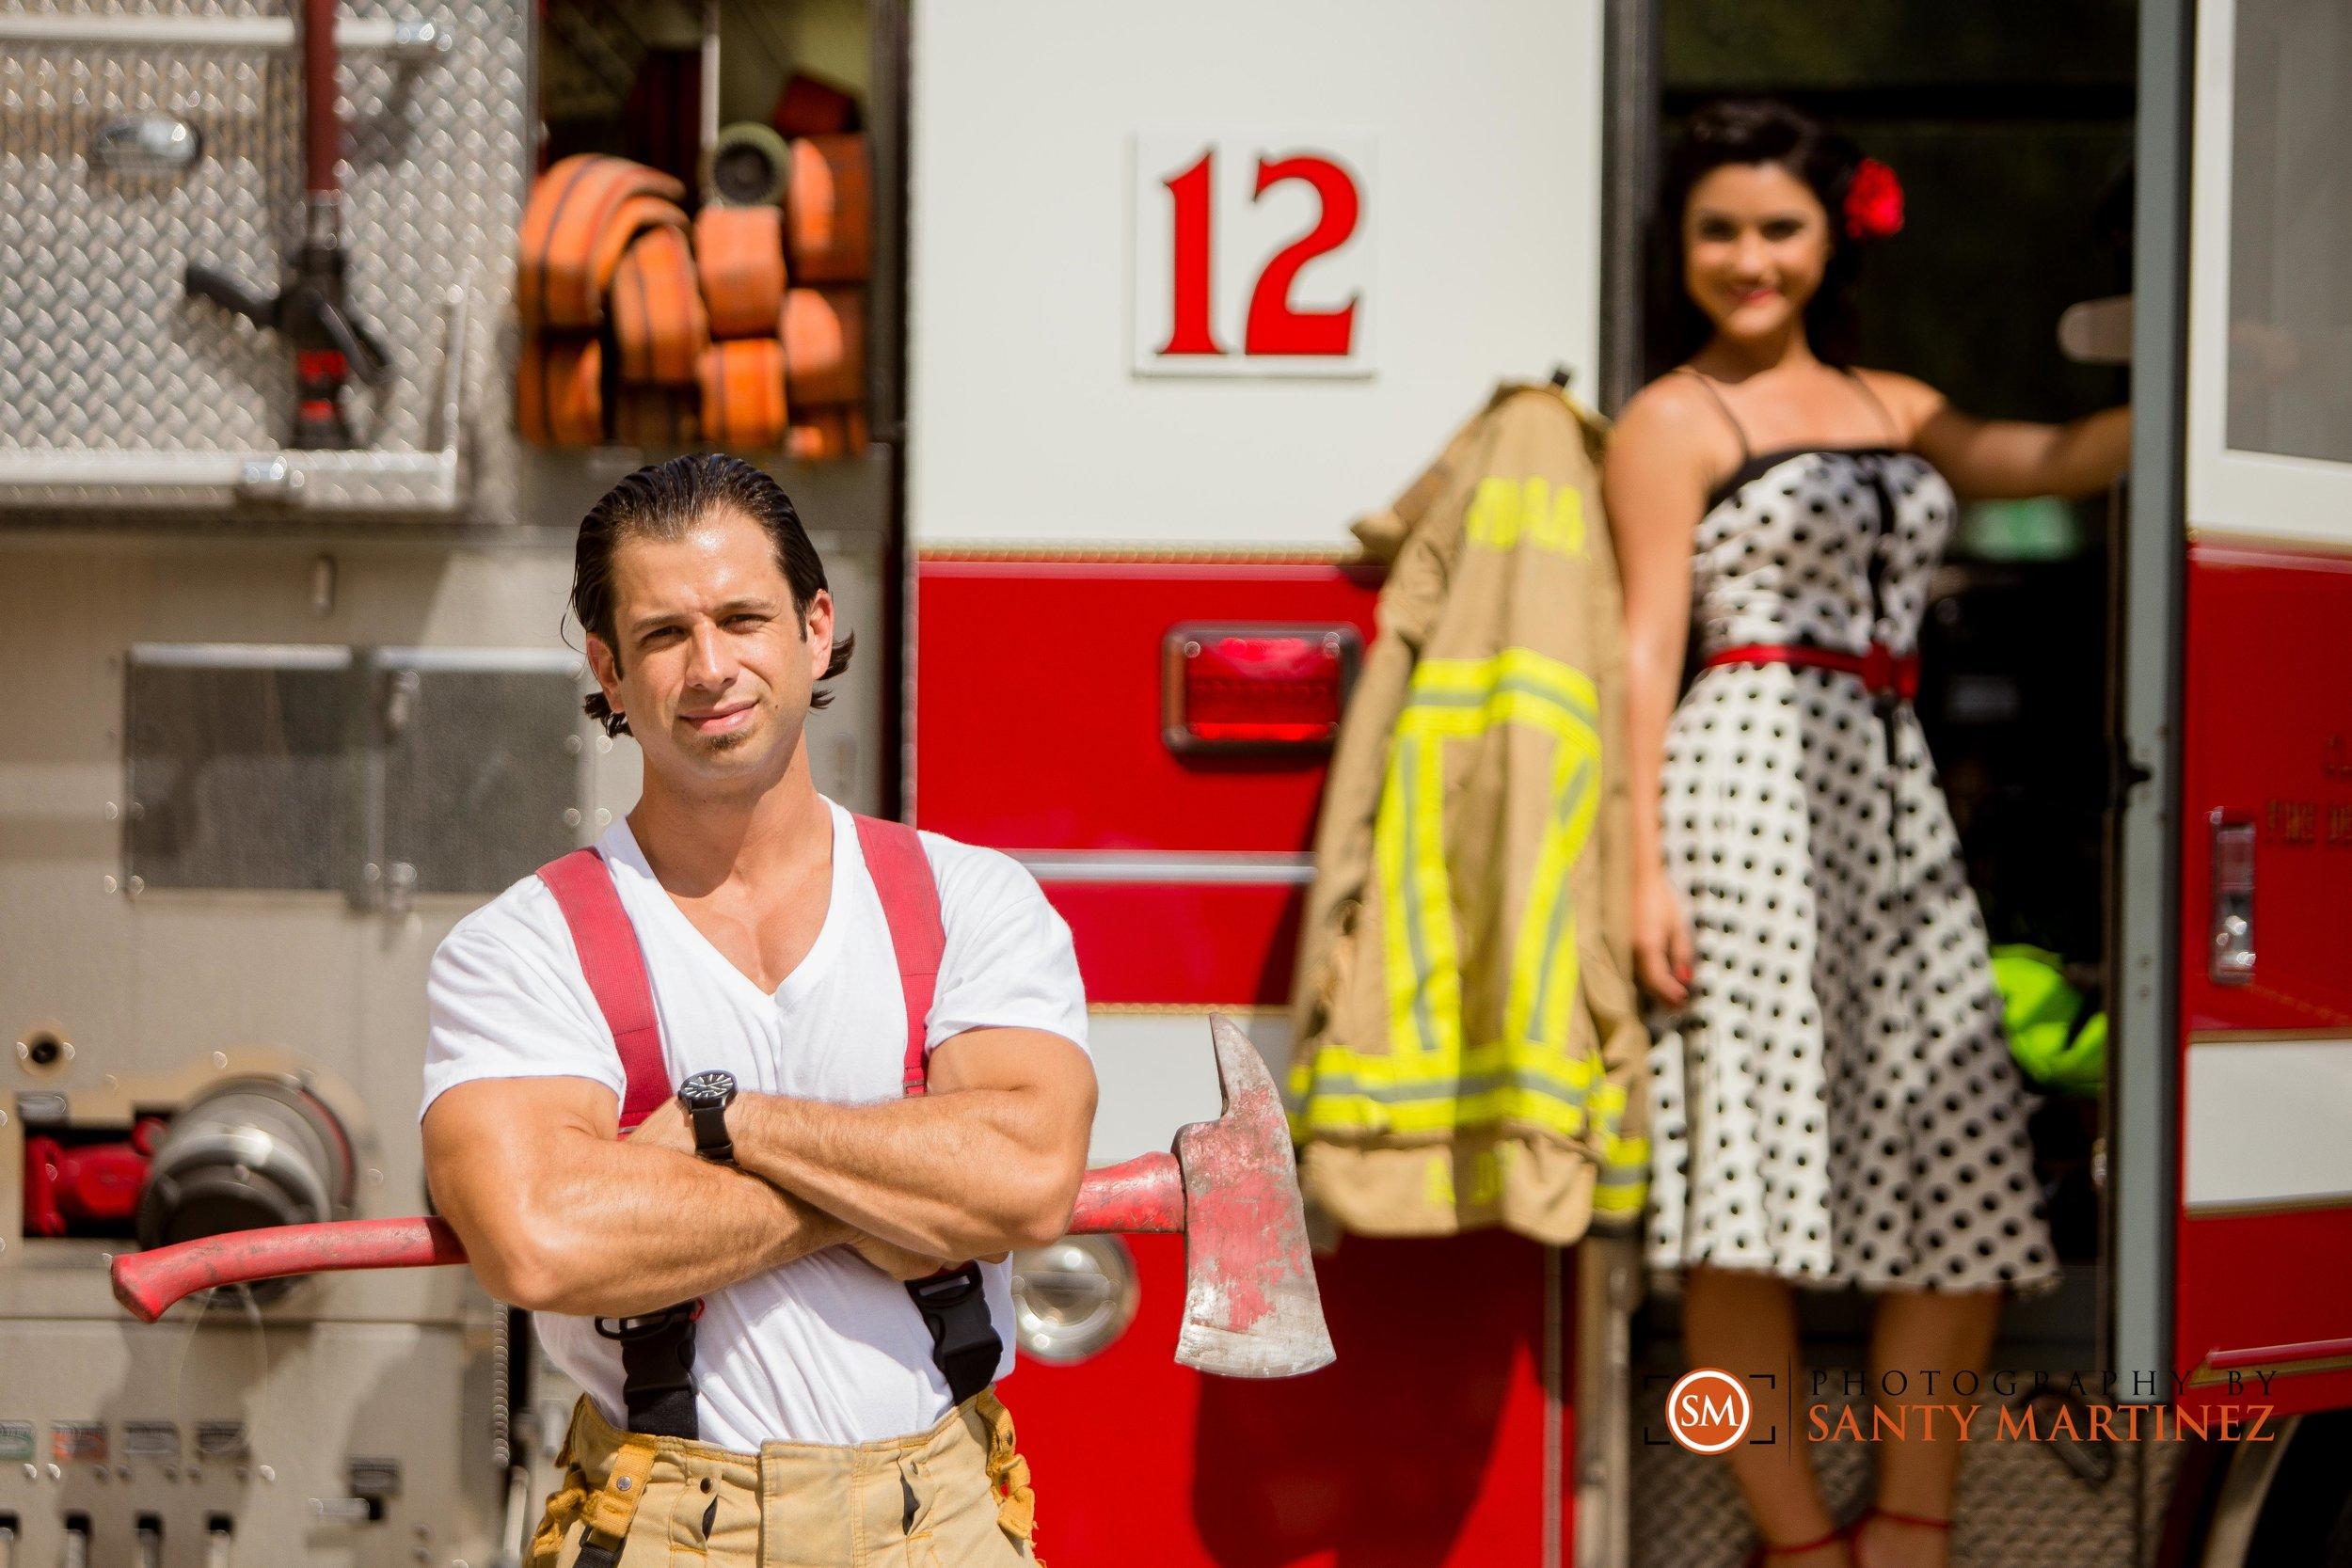 santy-martinez-firefighter-engagement-session-11.jpg